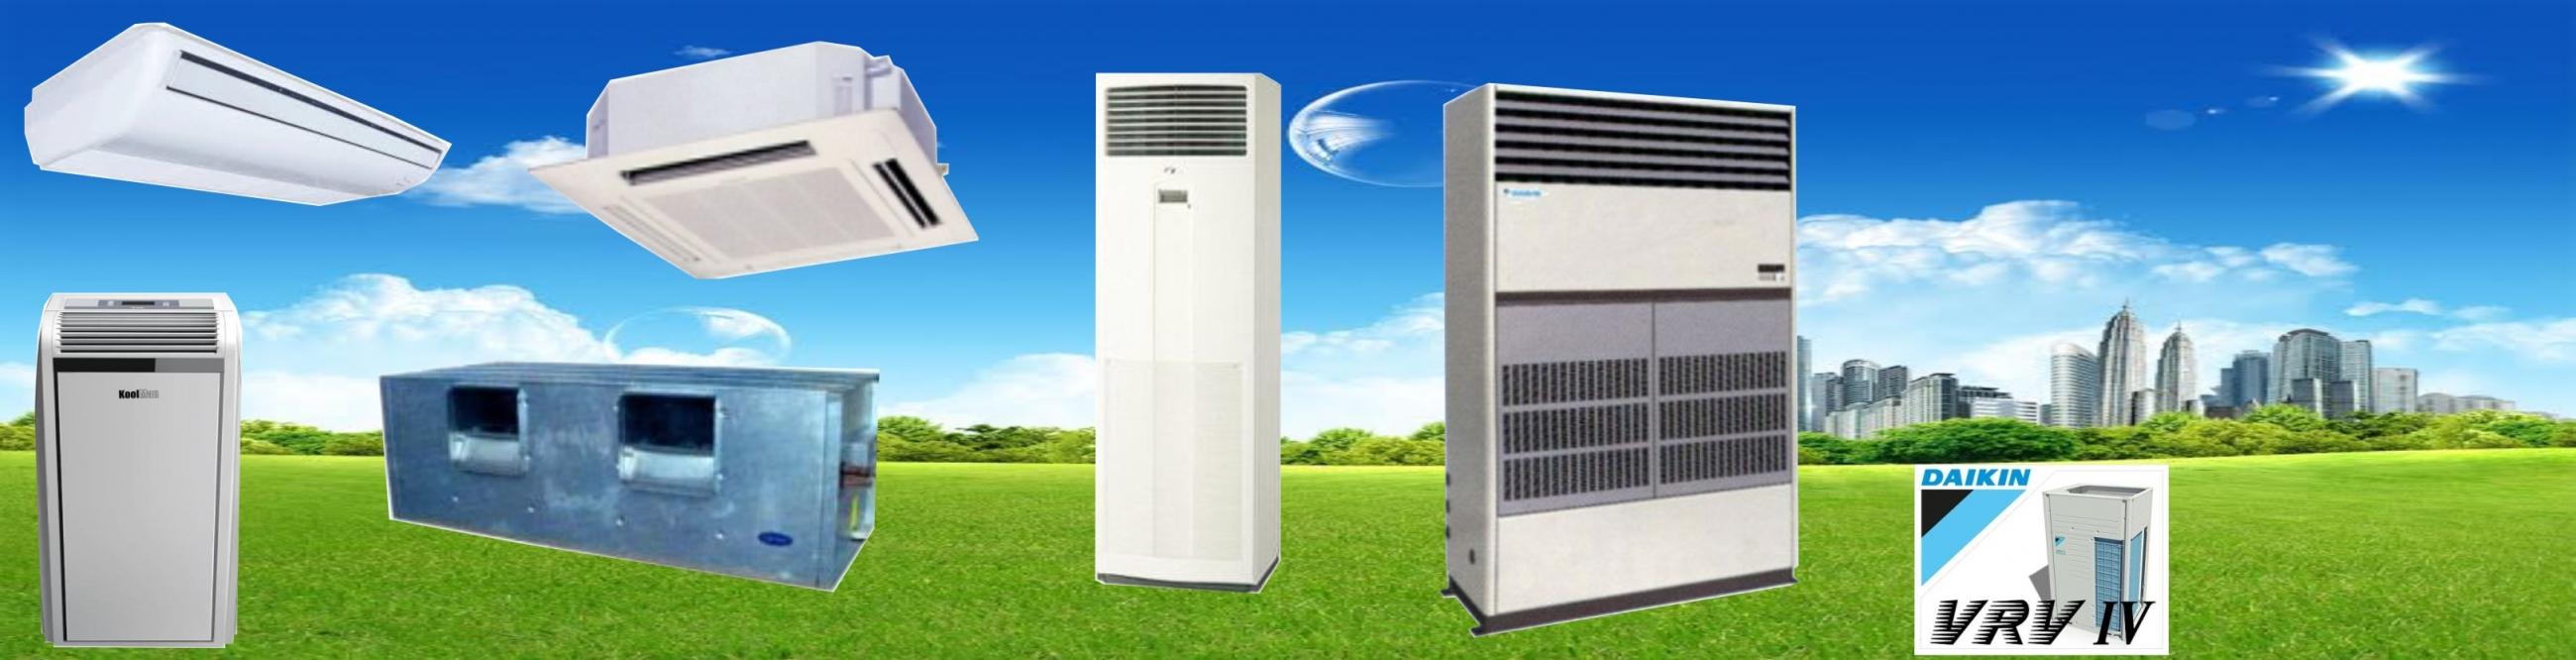 Tiết kiệm điện khi dùng điều hòa mùa nóng